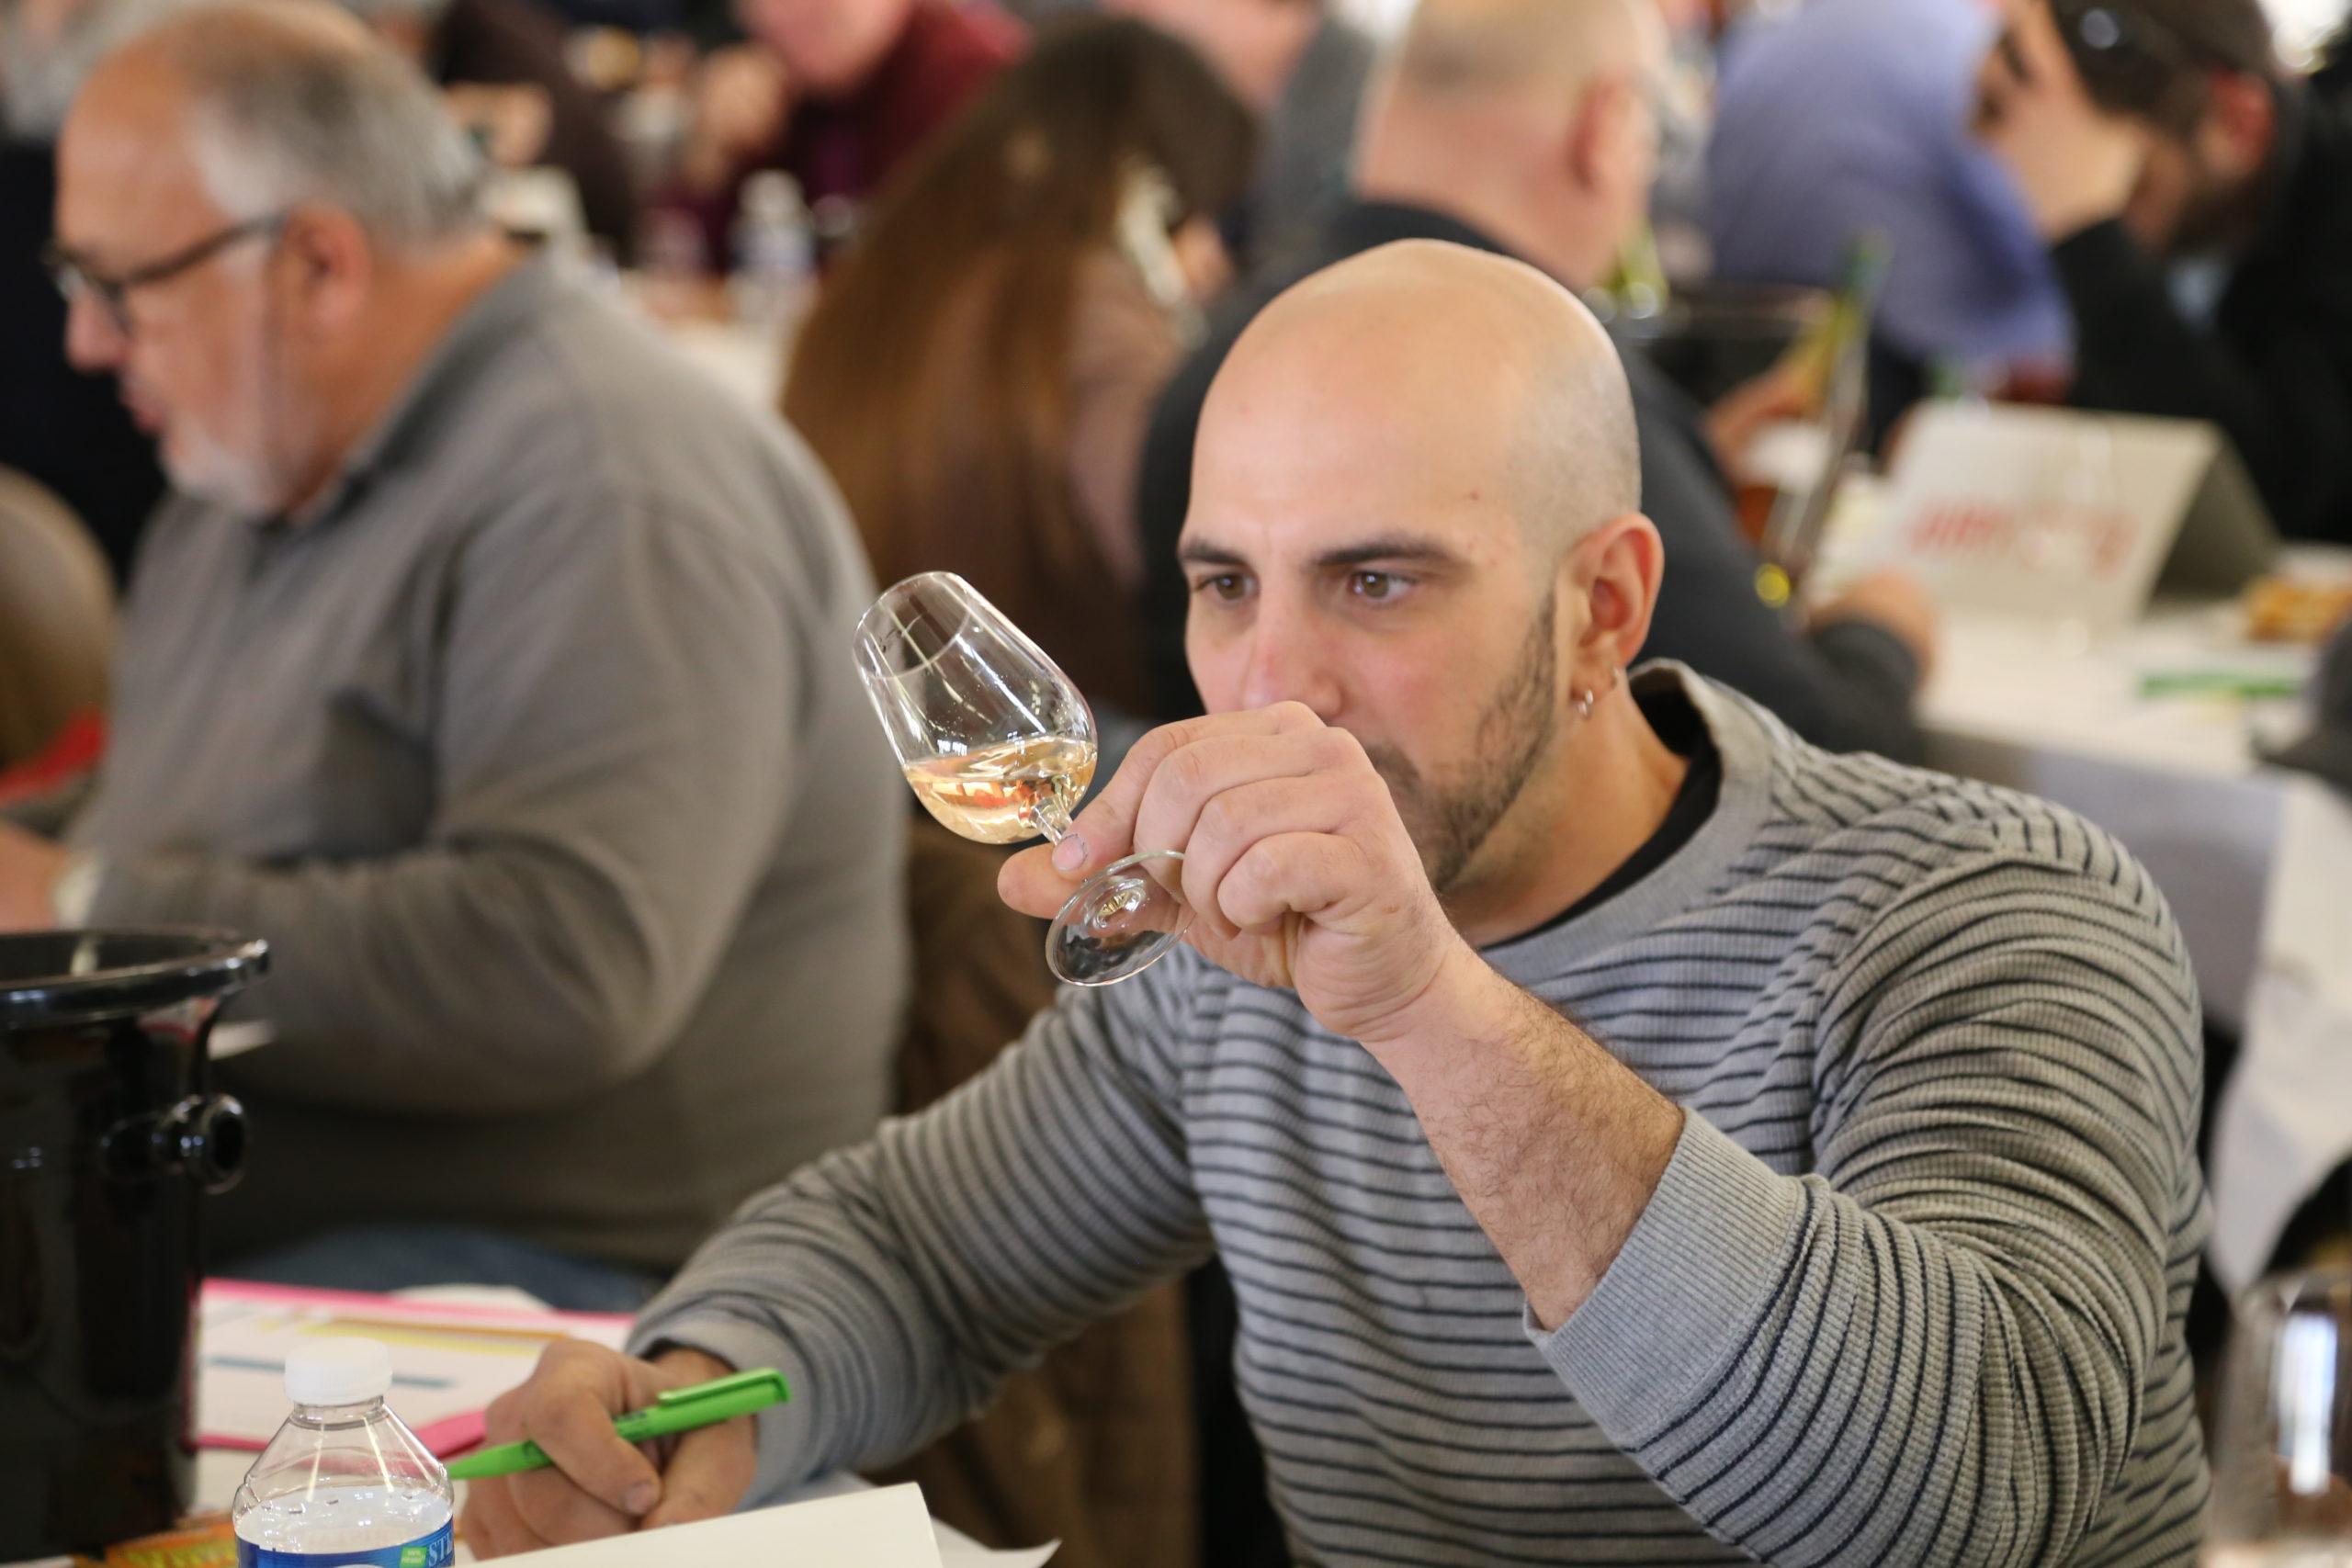 Le concours des vins est lancé !